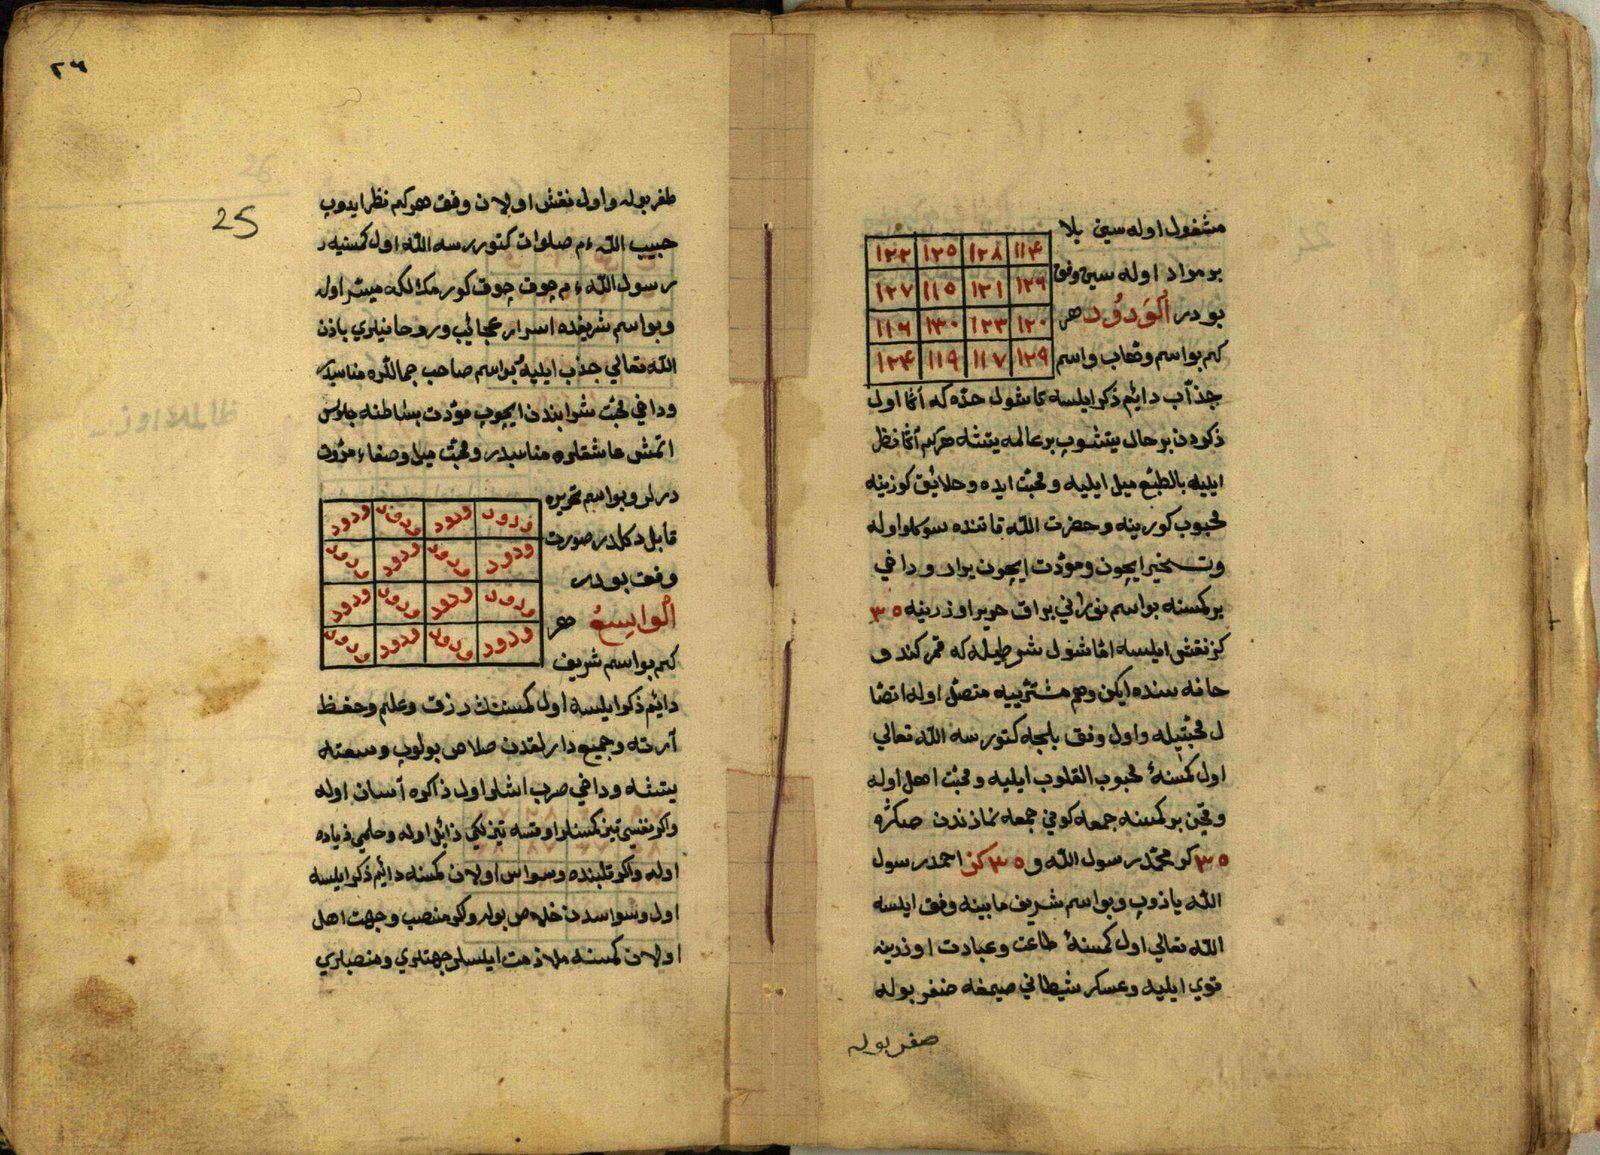 مخطوط خواص البسملة واسماء الله الحسنى Book Binding Books Free Download Pdf Books